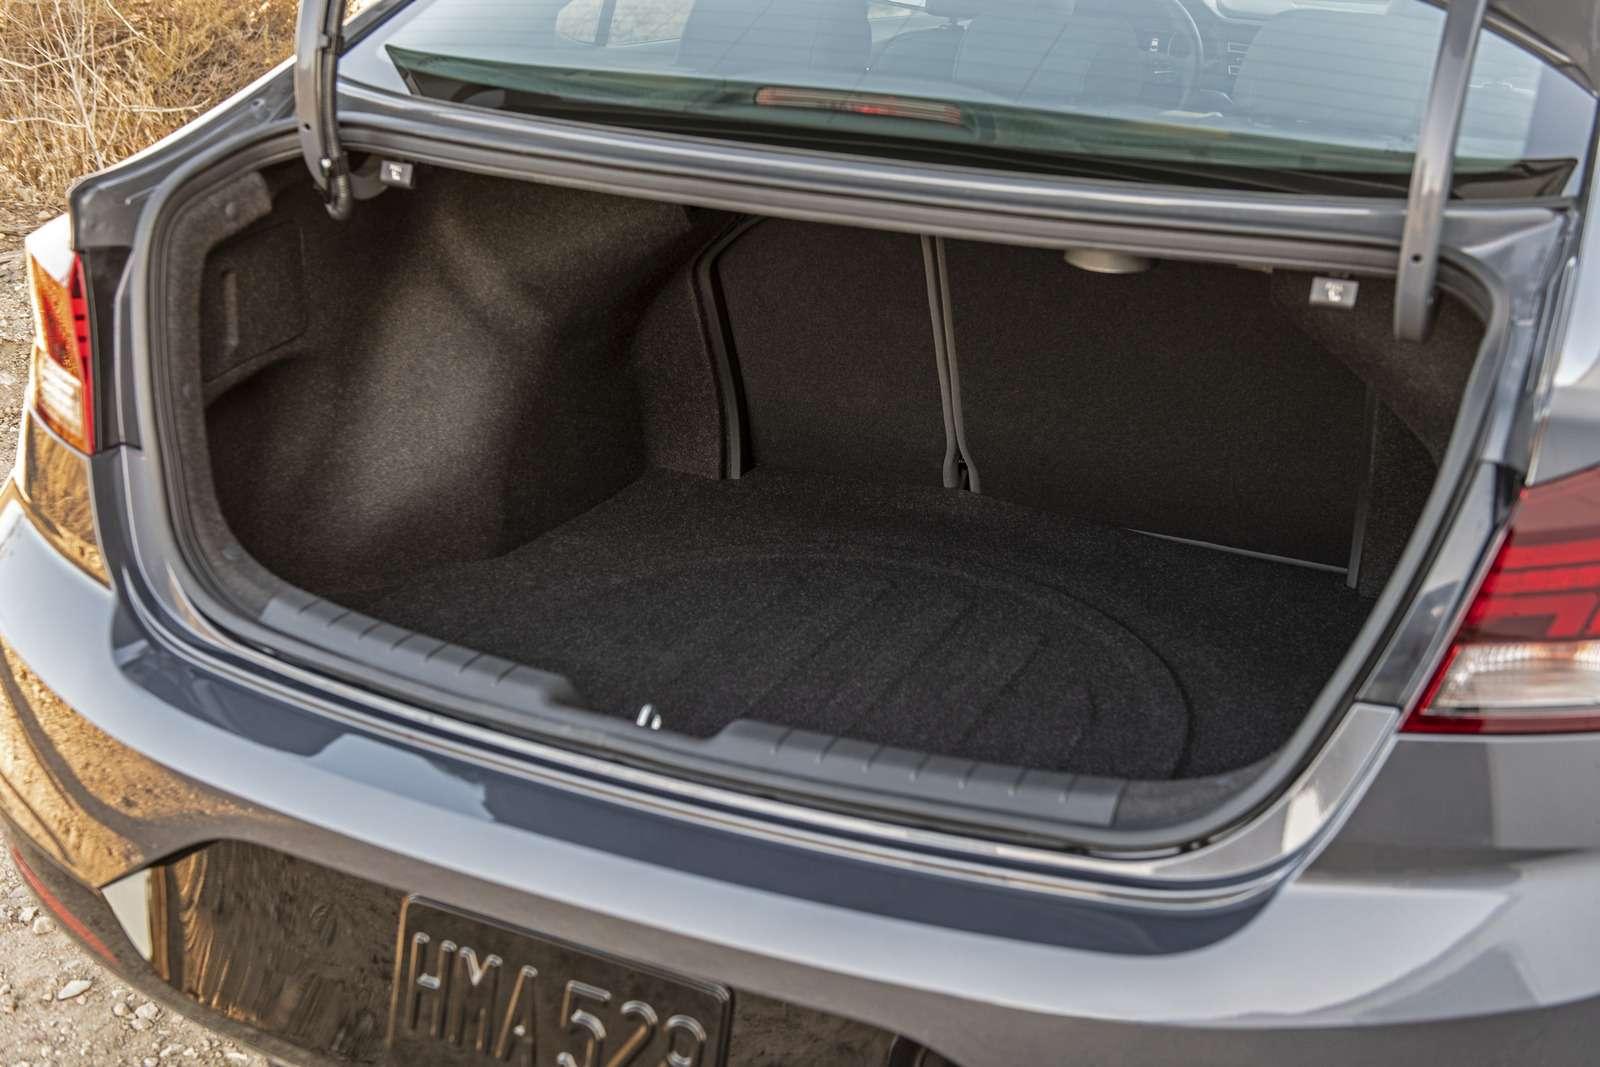 Обновленная Hyundai Elantra: треугольные фары иулучшенная безопасность— фото 898235